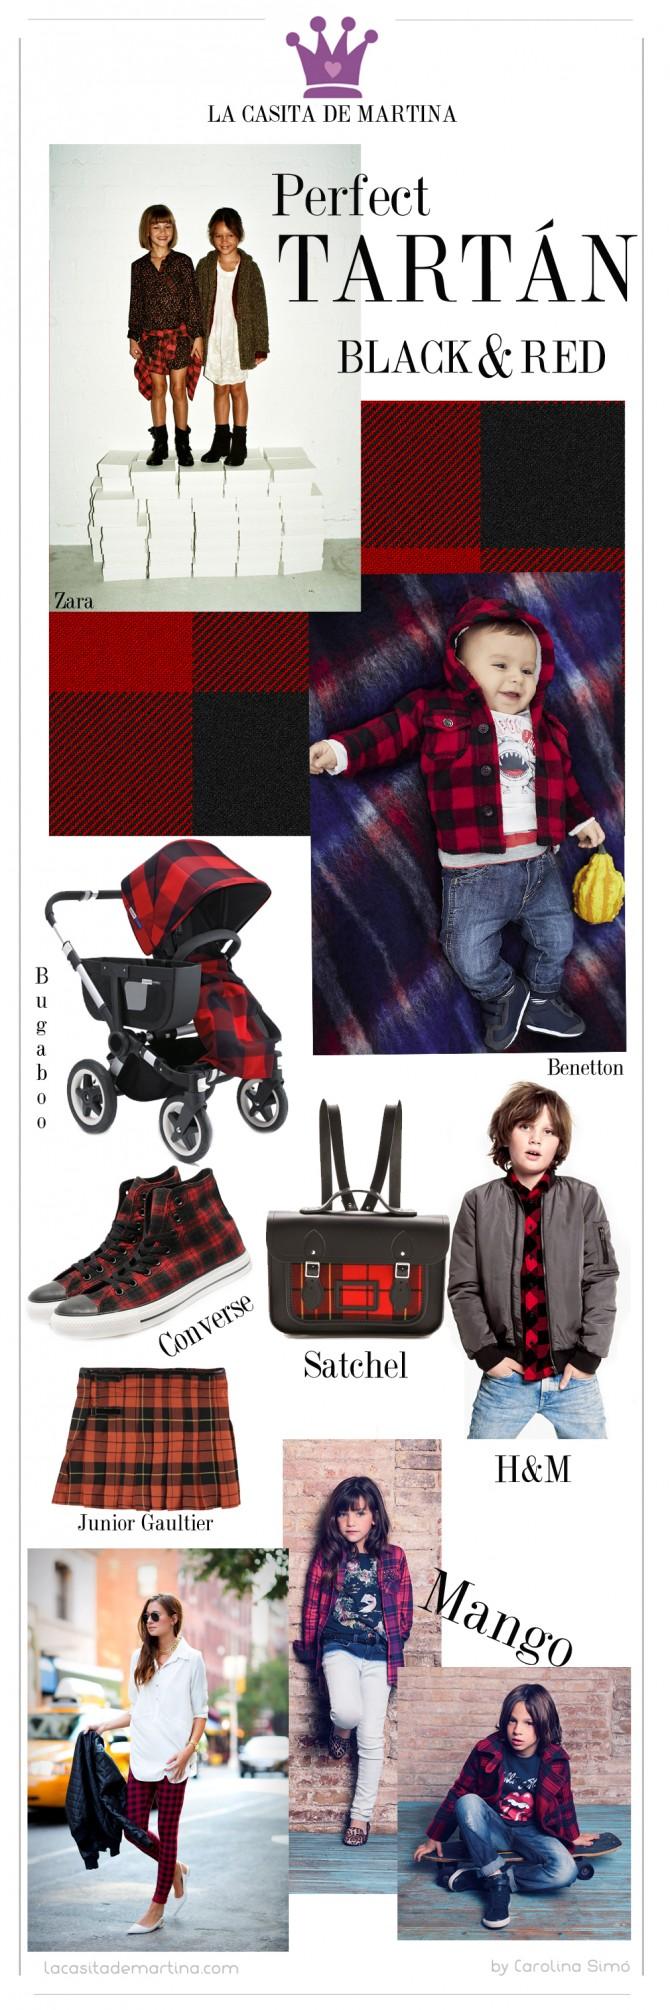 Tartán, Tendencias moda, H&M, Zara, Blog de Moda Infantil,  La casita de Martina